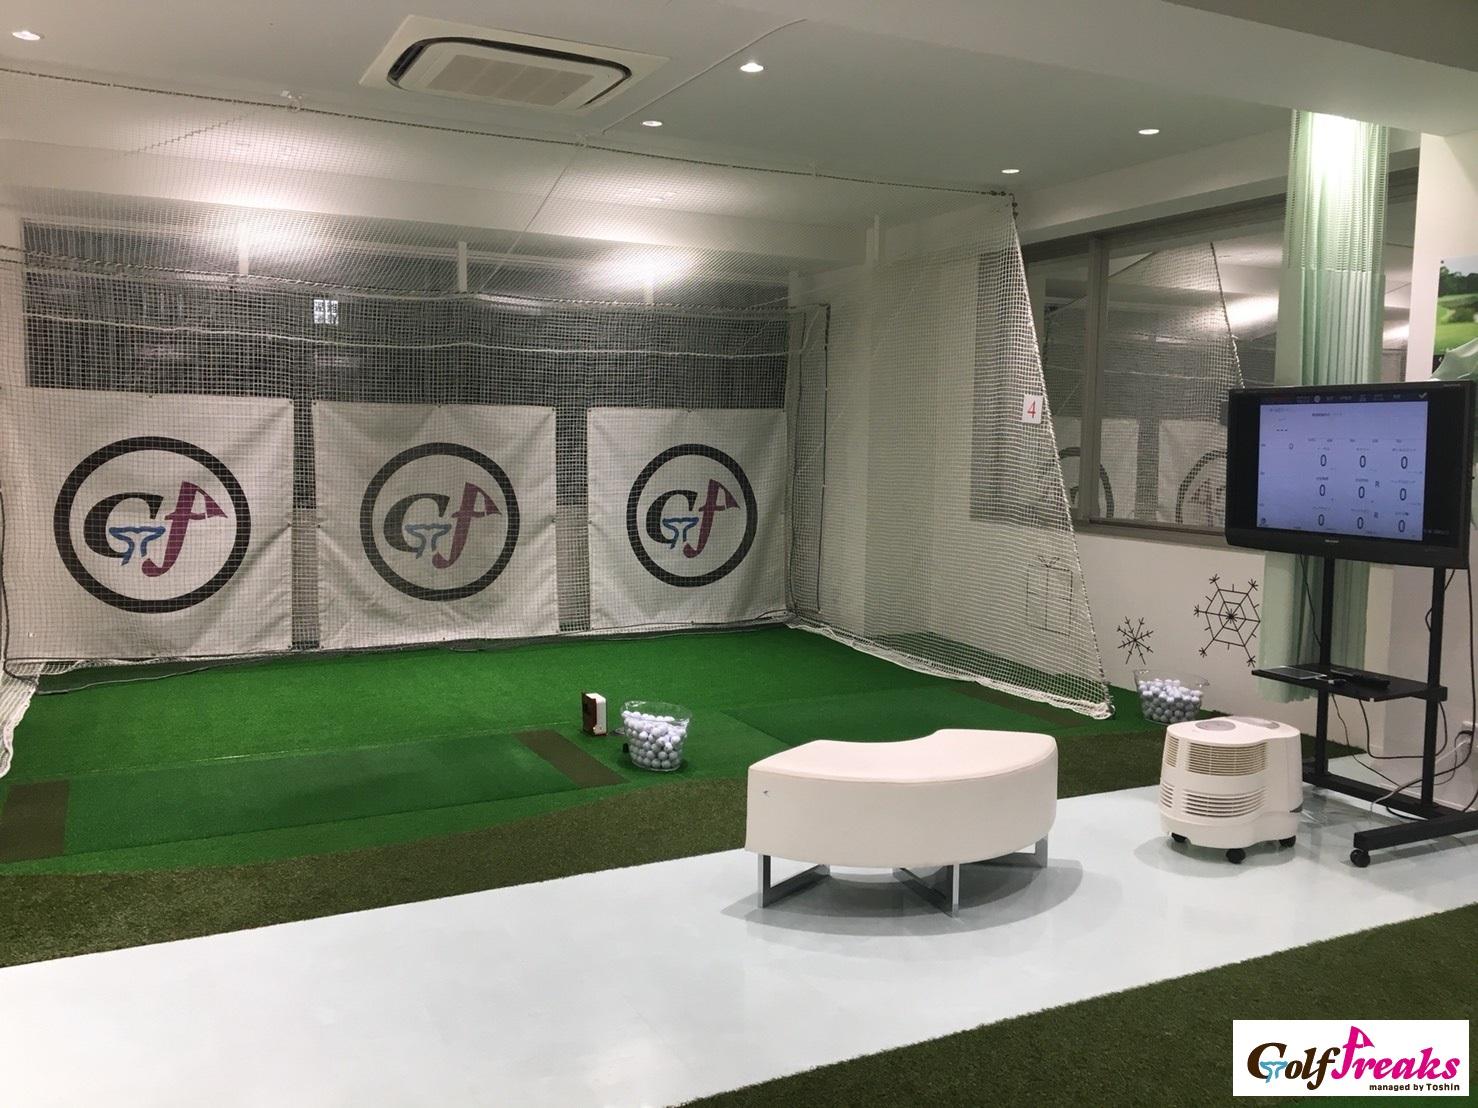 ゴルフ インドア 名古屋 ゴルフ 名古屋 練習場